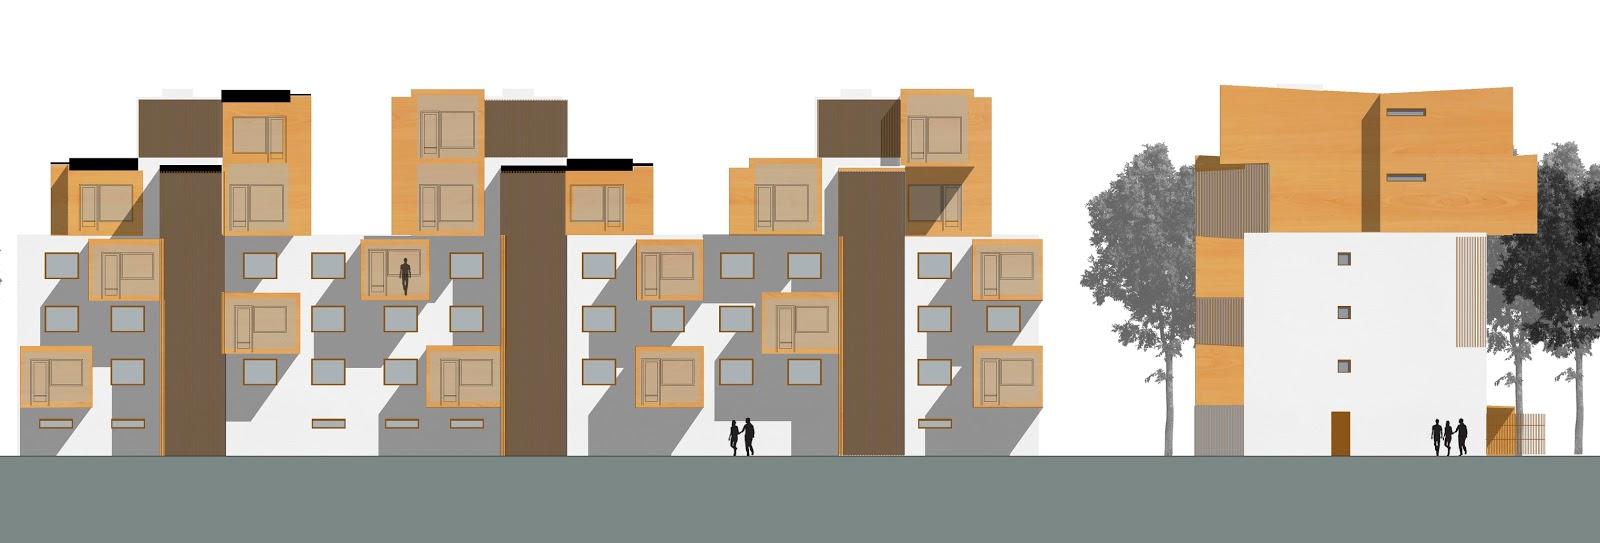 arkkitehtuuri opiskelija kilpailu tty korjausrakentaminen